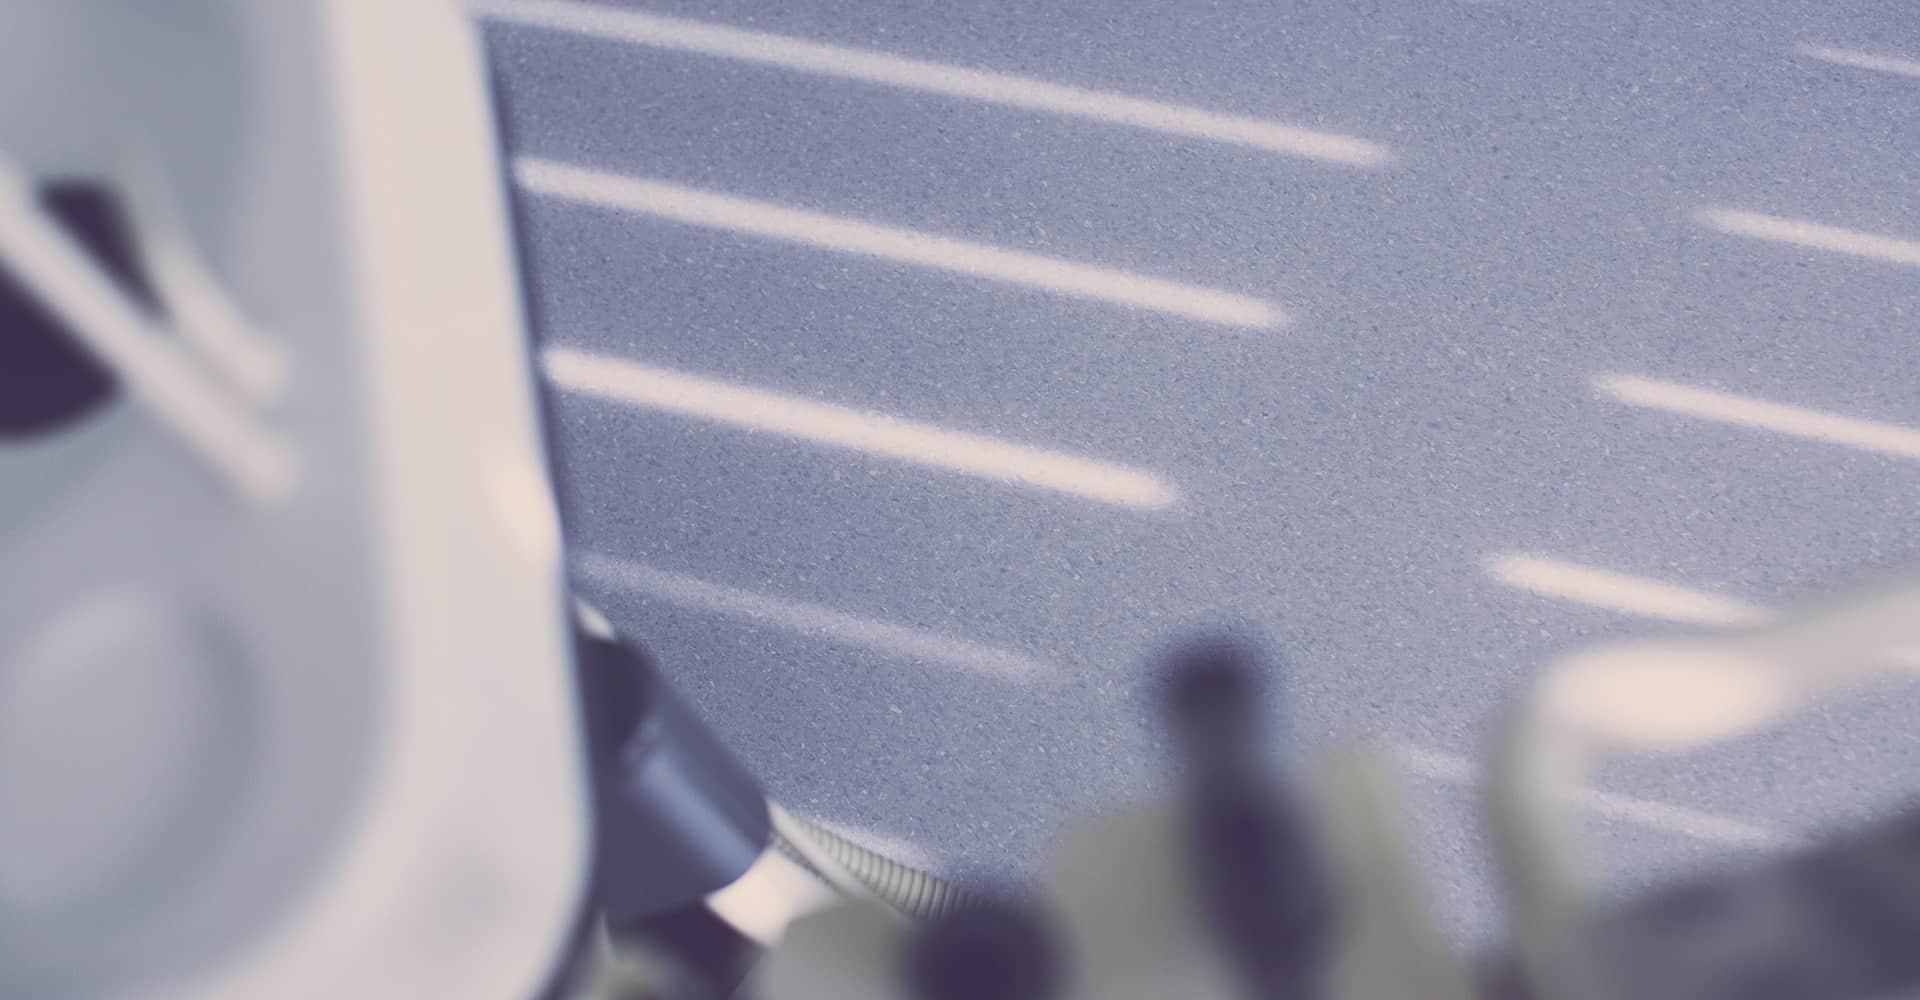 ZAHNARZTPRAXIS DR. ROGNER | HANDWERK IM PRAXISINNENAUSBAU | Im Zuge weiterer Modernisierungsmaßnahmen in den bestehenden Praxisräumen der Zahnarztpraxis Dr. Gisbert Rogner wurden wir mit diversen Handwerksleistungen betraut.